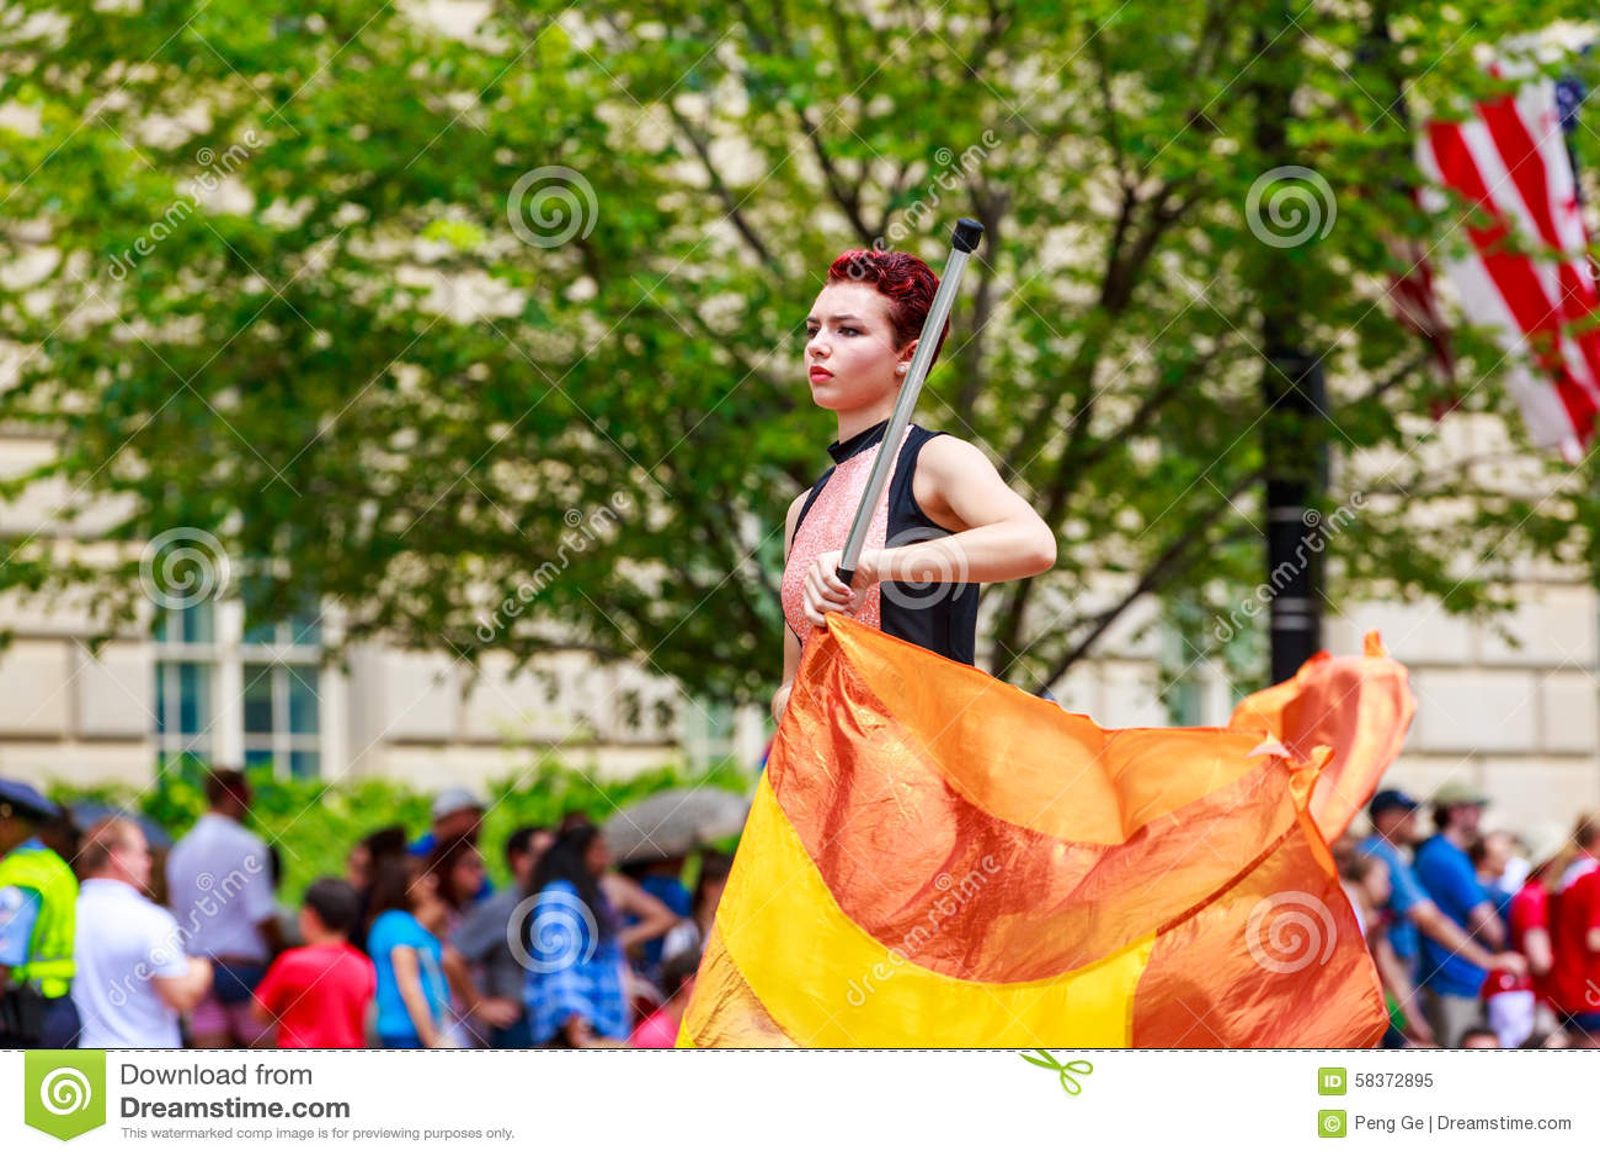 Desfile nacional 2015 del Día de la Independencia